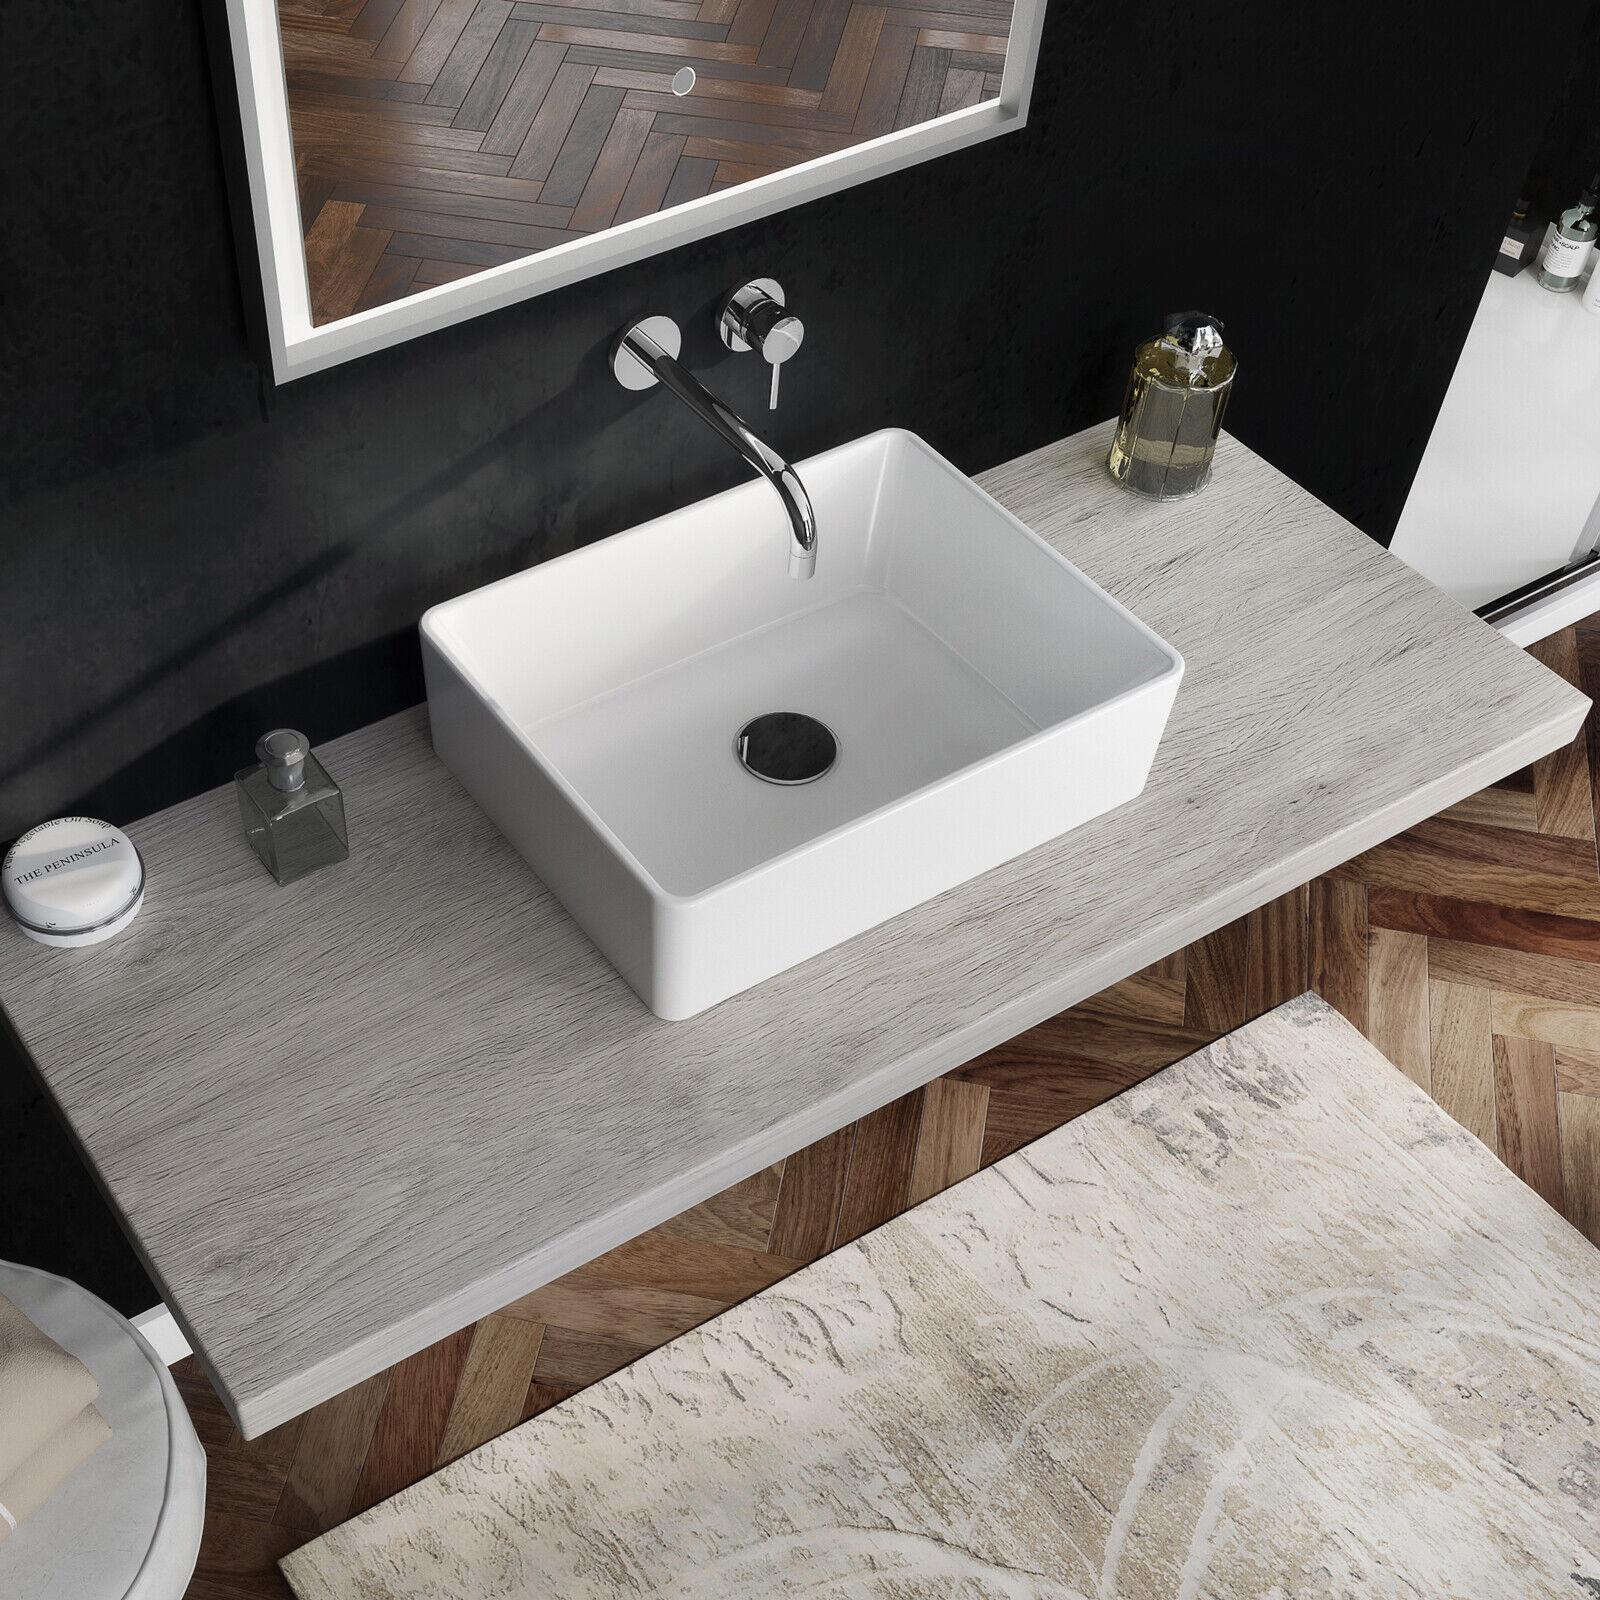 Lavabo 49x37,5 rettangolare bacinella lavandino da appoggio arrossoo bagno design